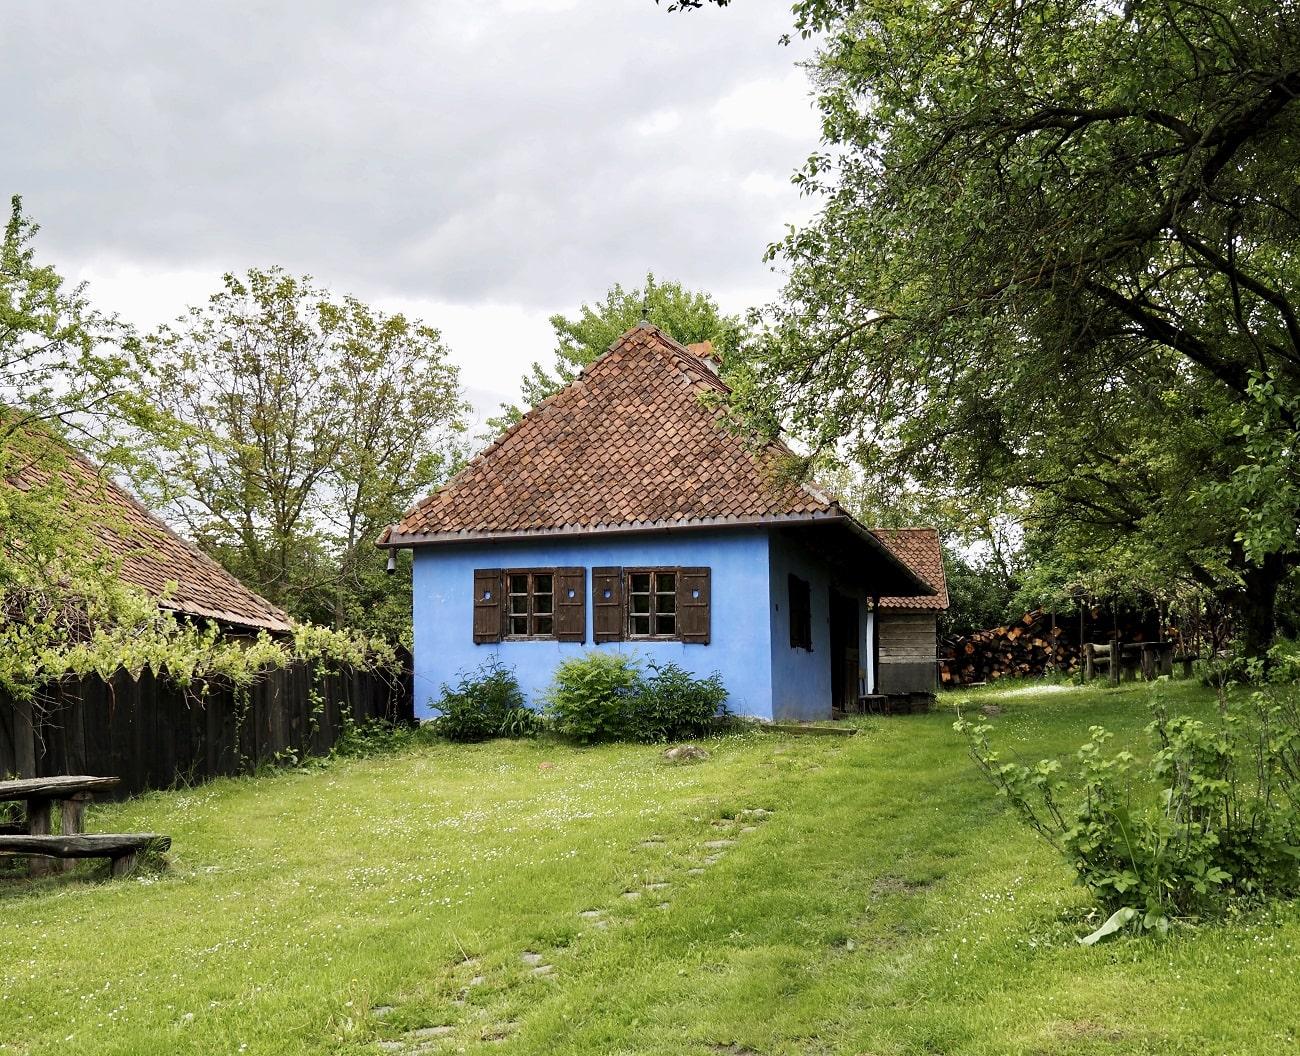 Count Kálnoky's Guesthouses in Micloșoara